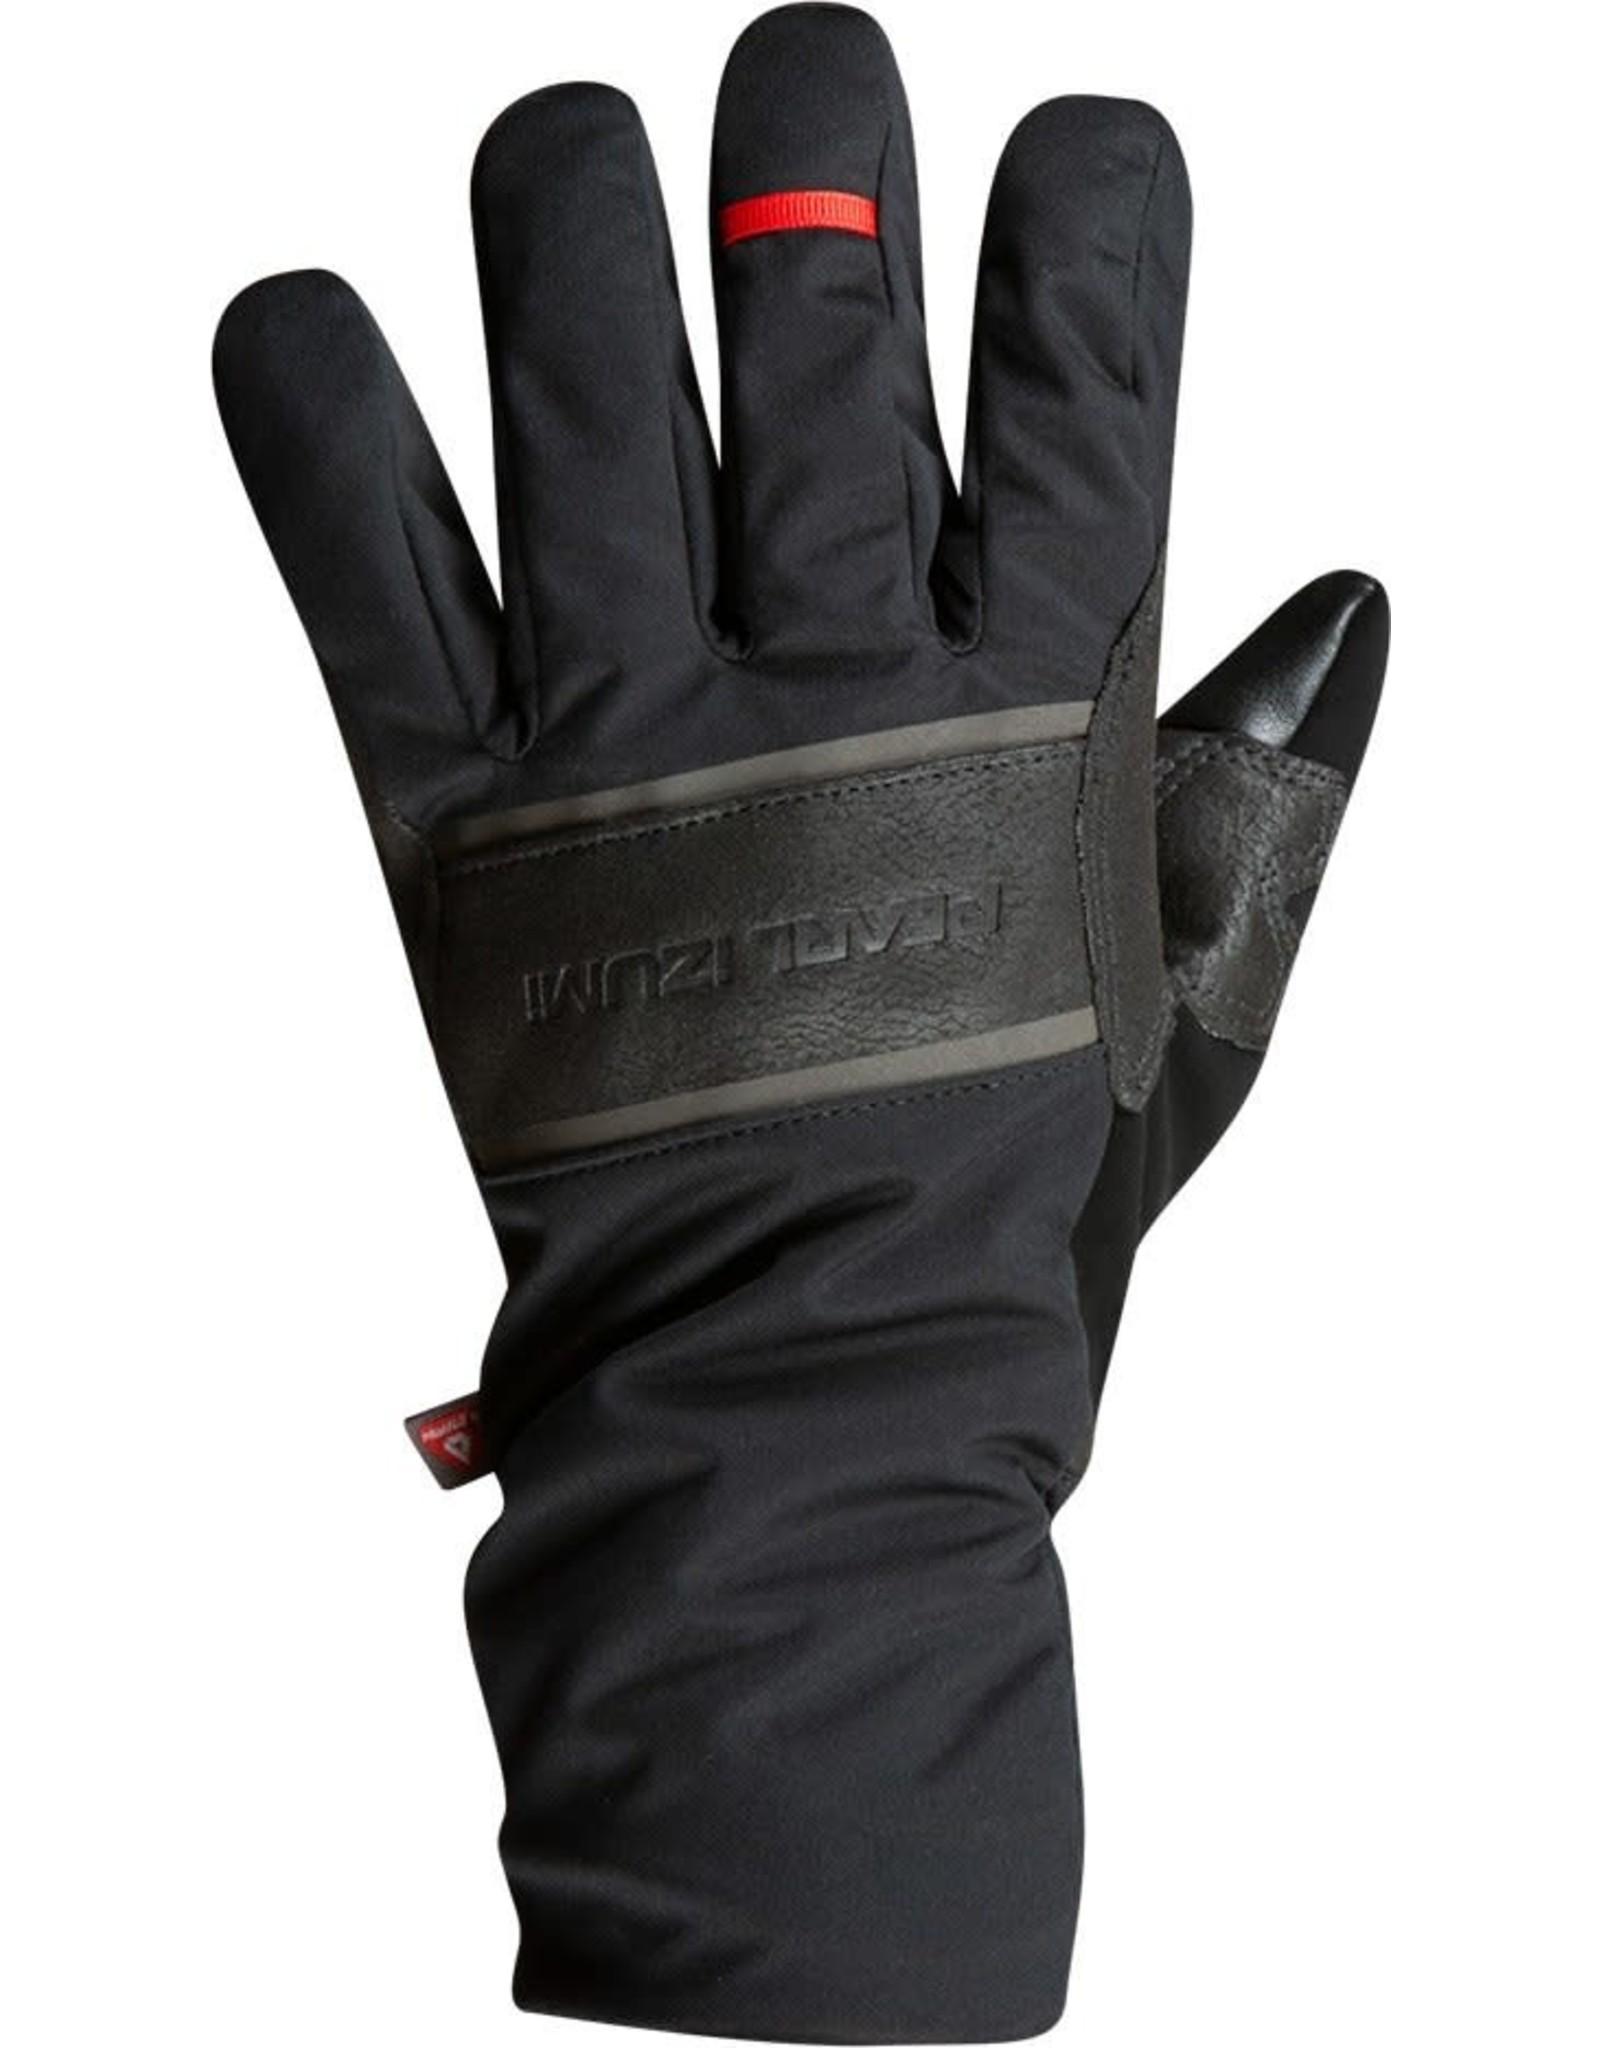 Pearl Izumi AmFib Gel Glove Mens Black